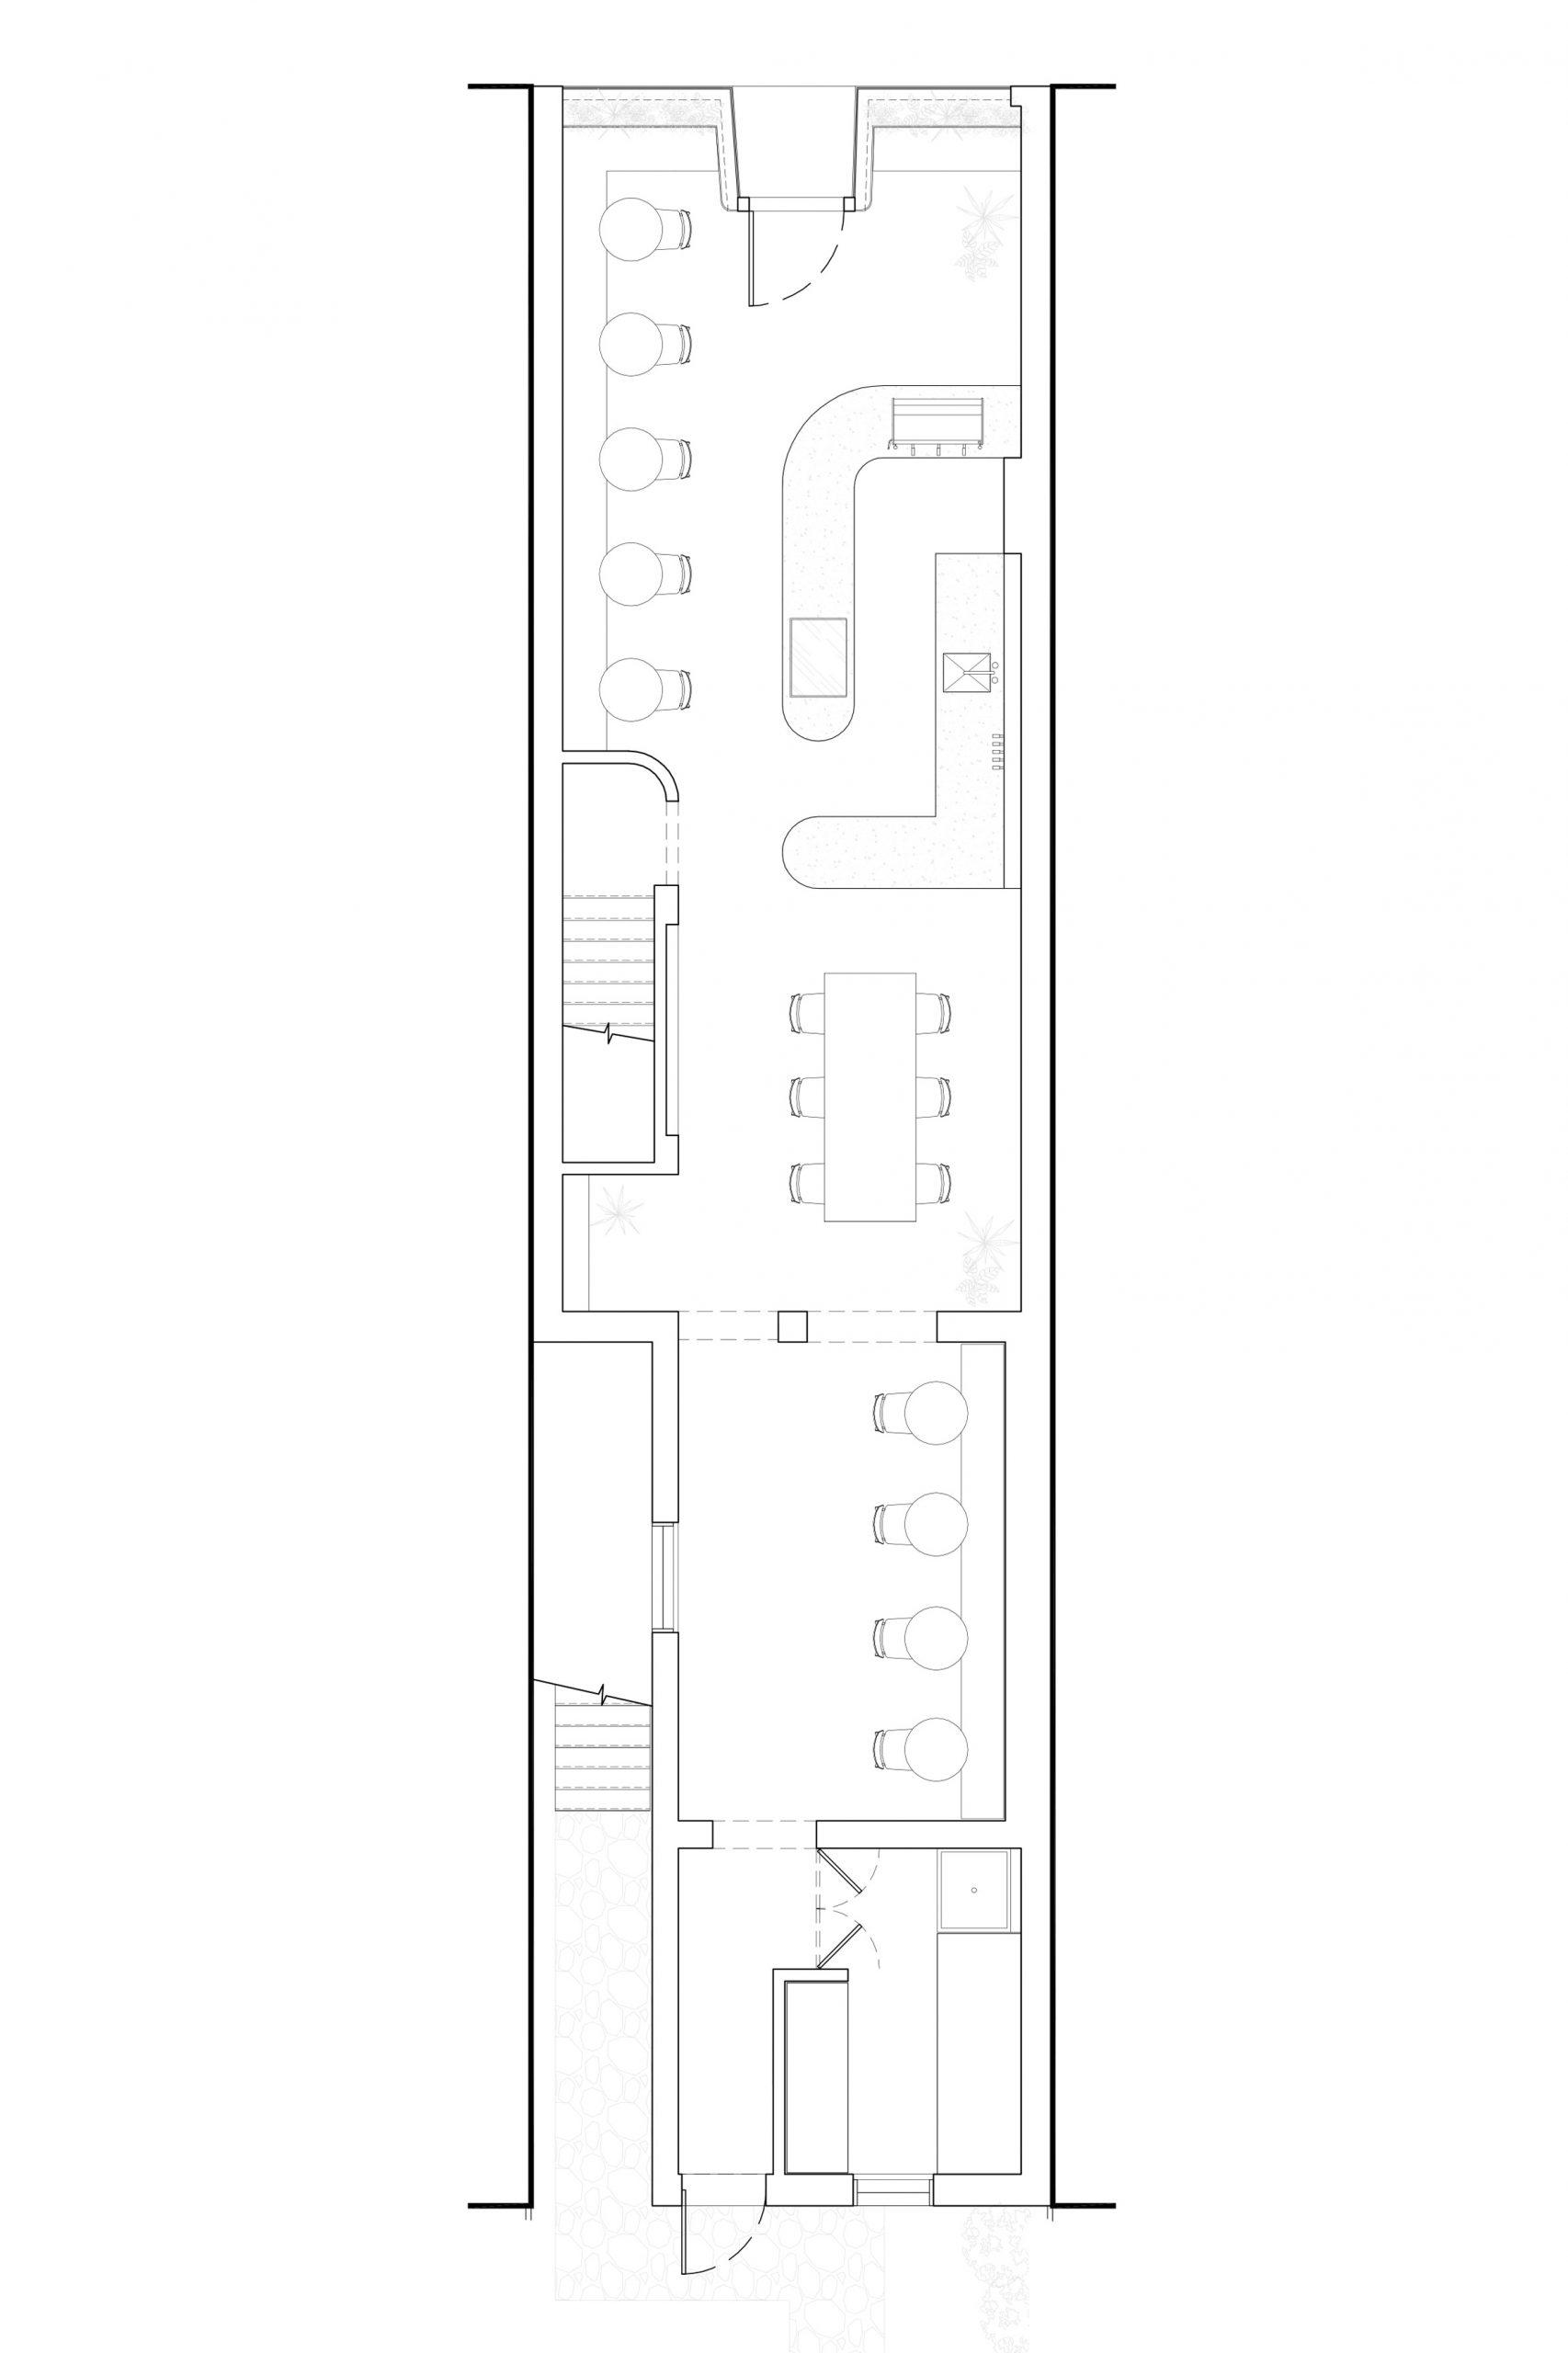 Thiết kế quán cafeđẹp 8